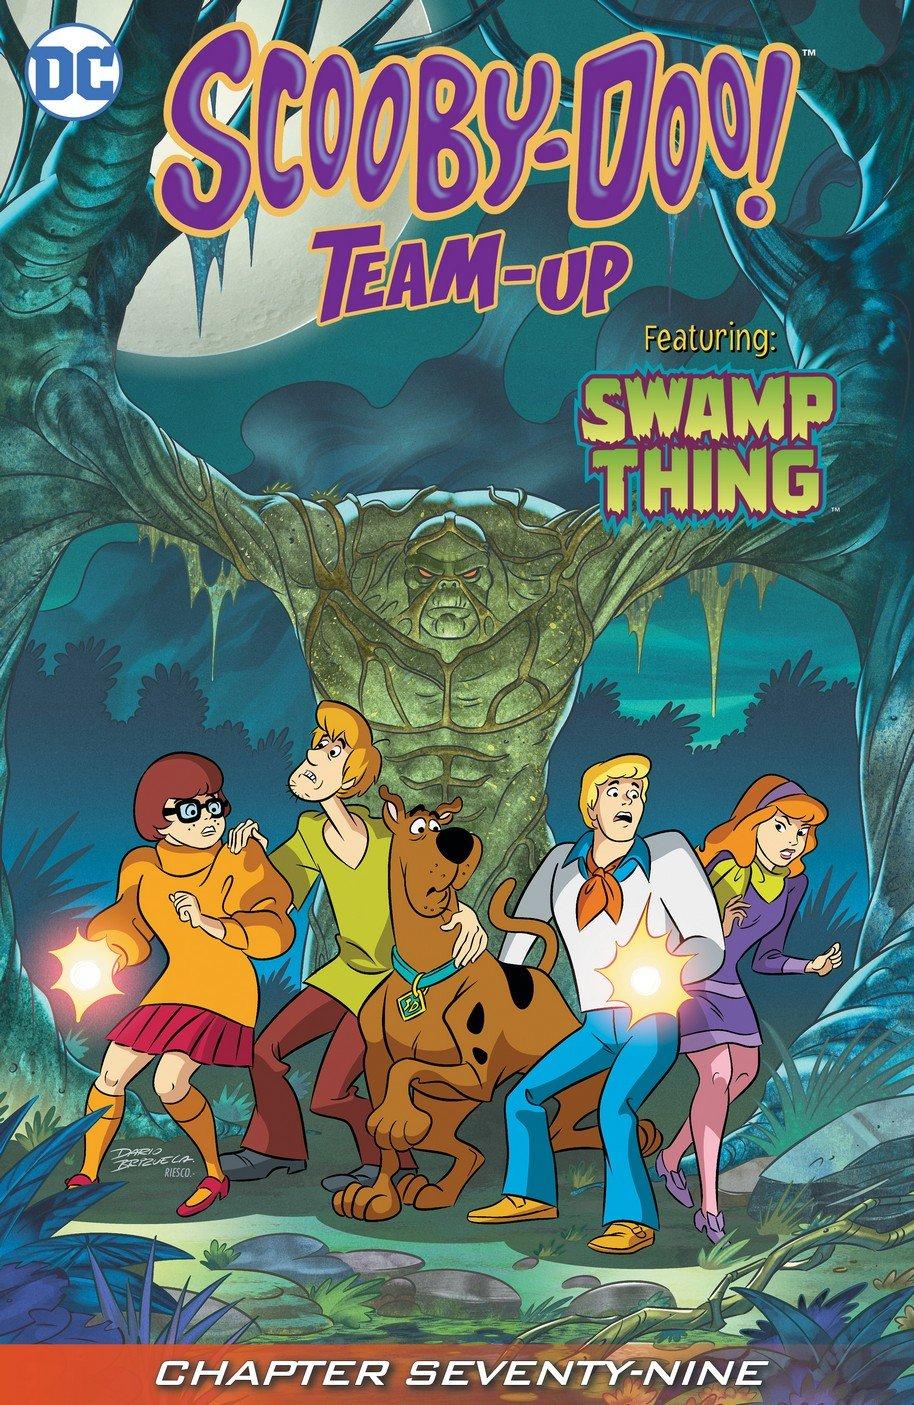 Scooby-Doo Team-Up #79 (2018)